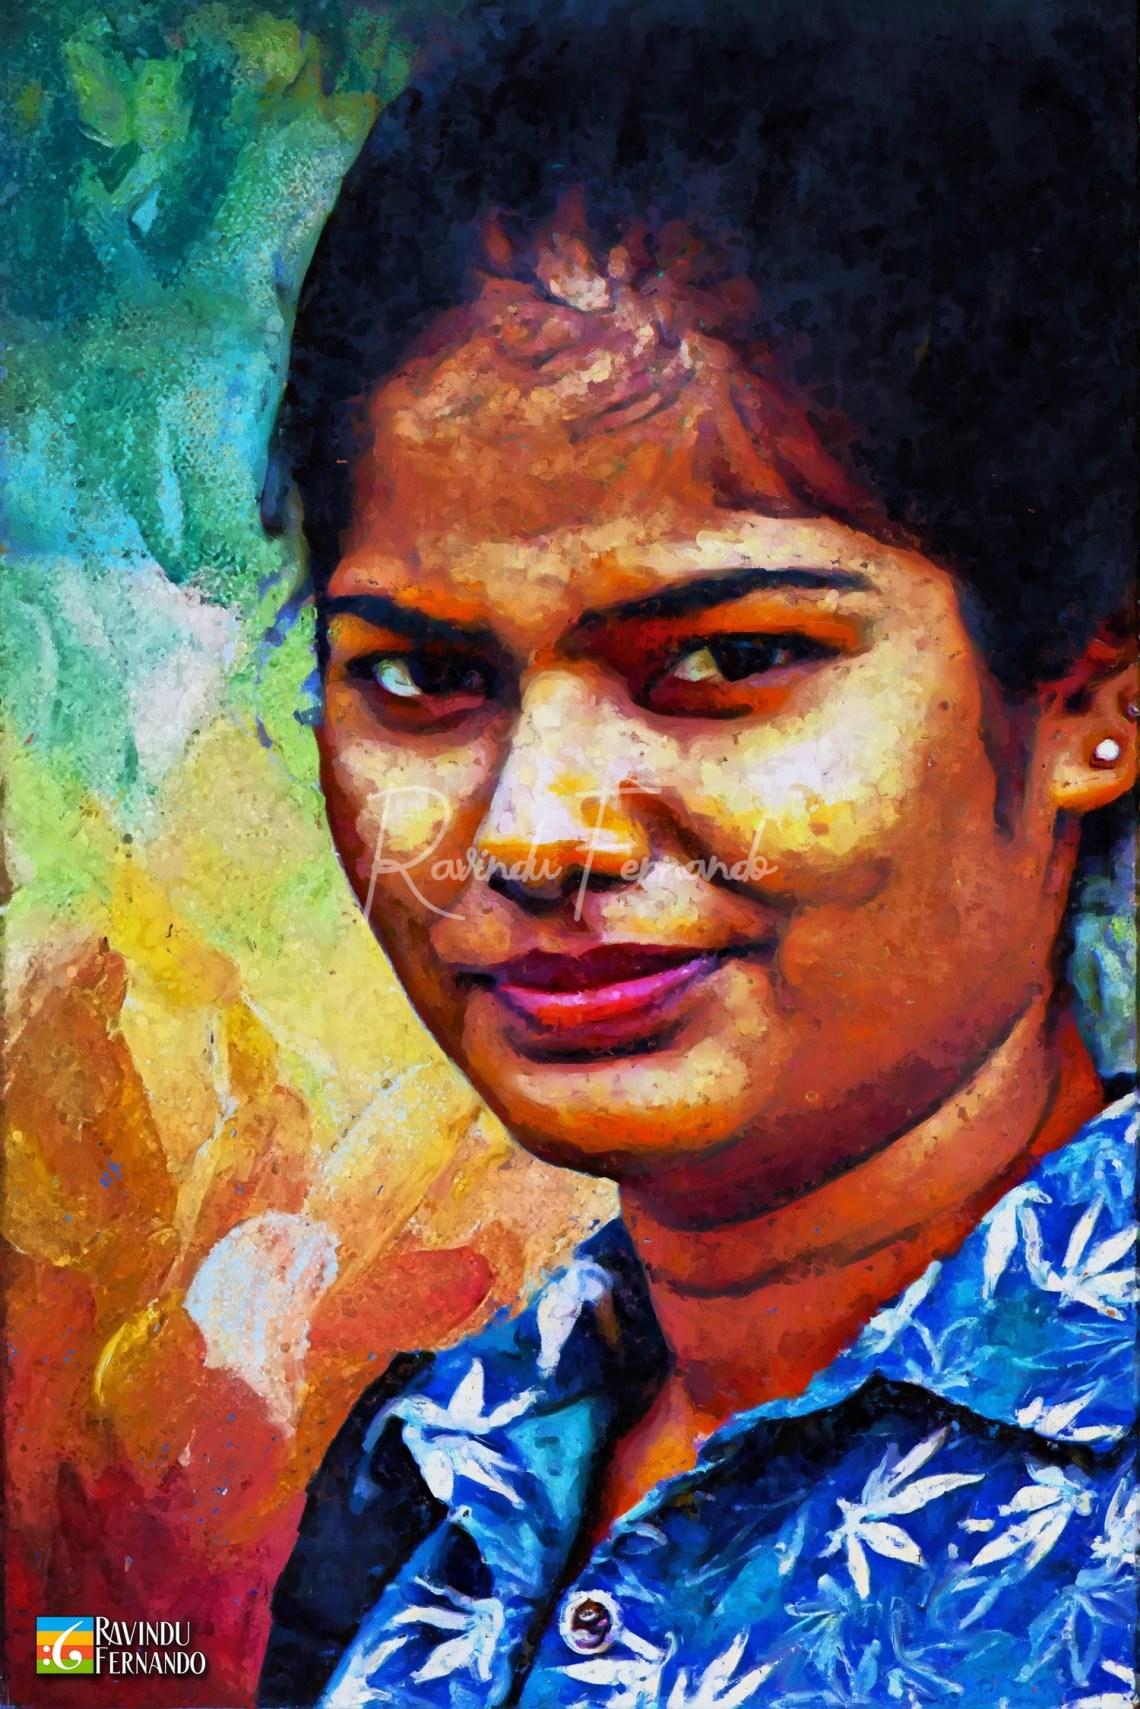 Maneka Gamage - Digital Oil Painting By Ravindu Fernando